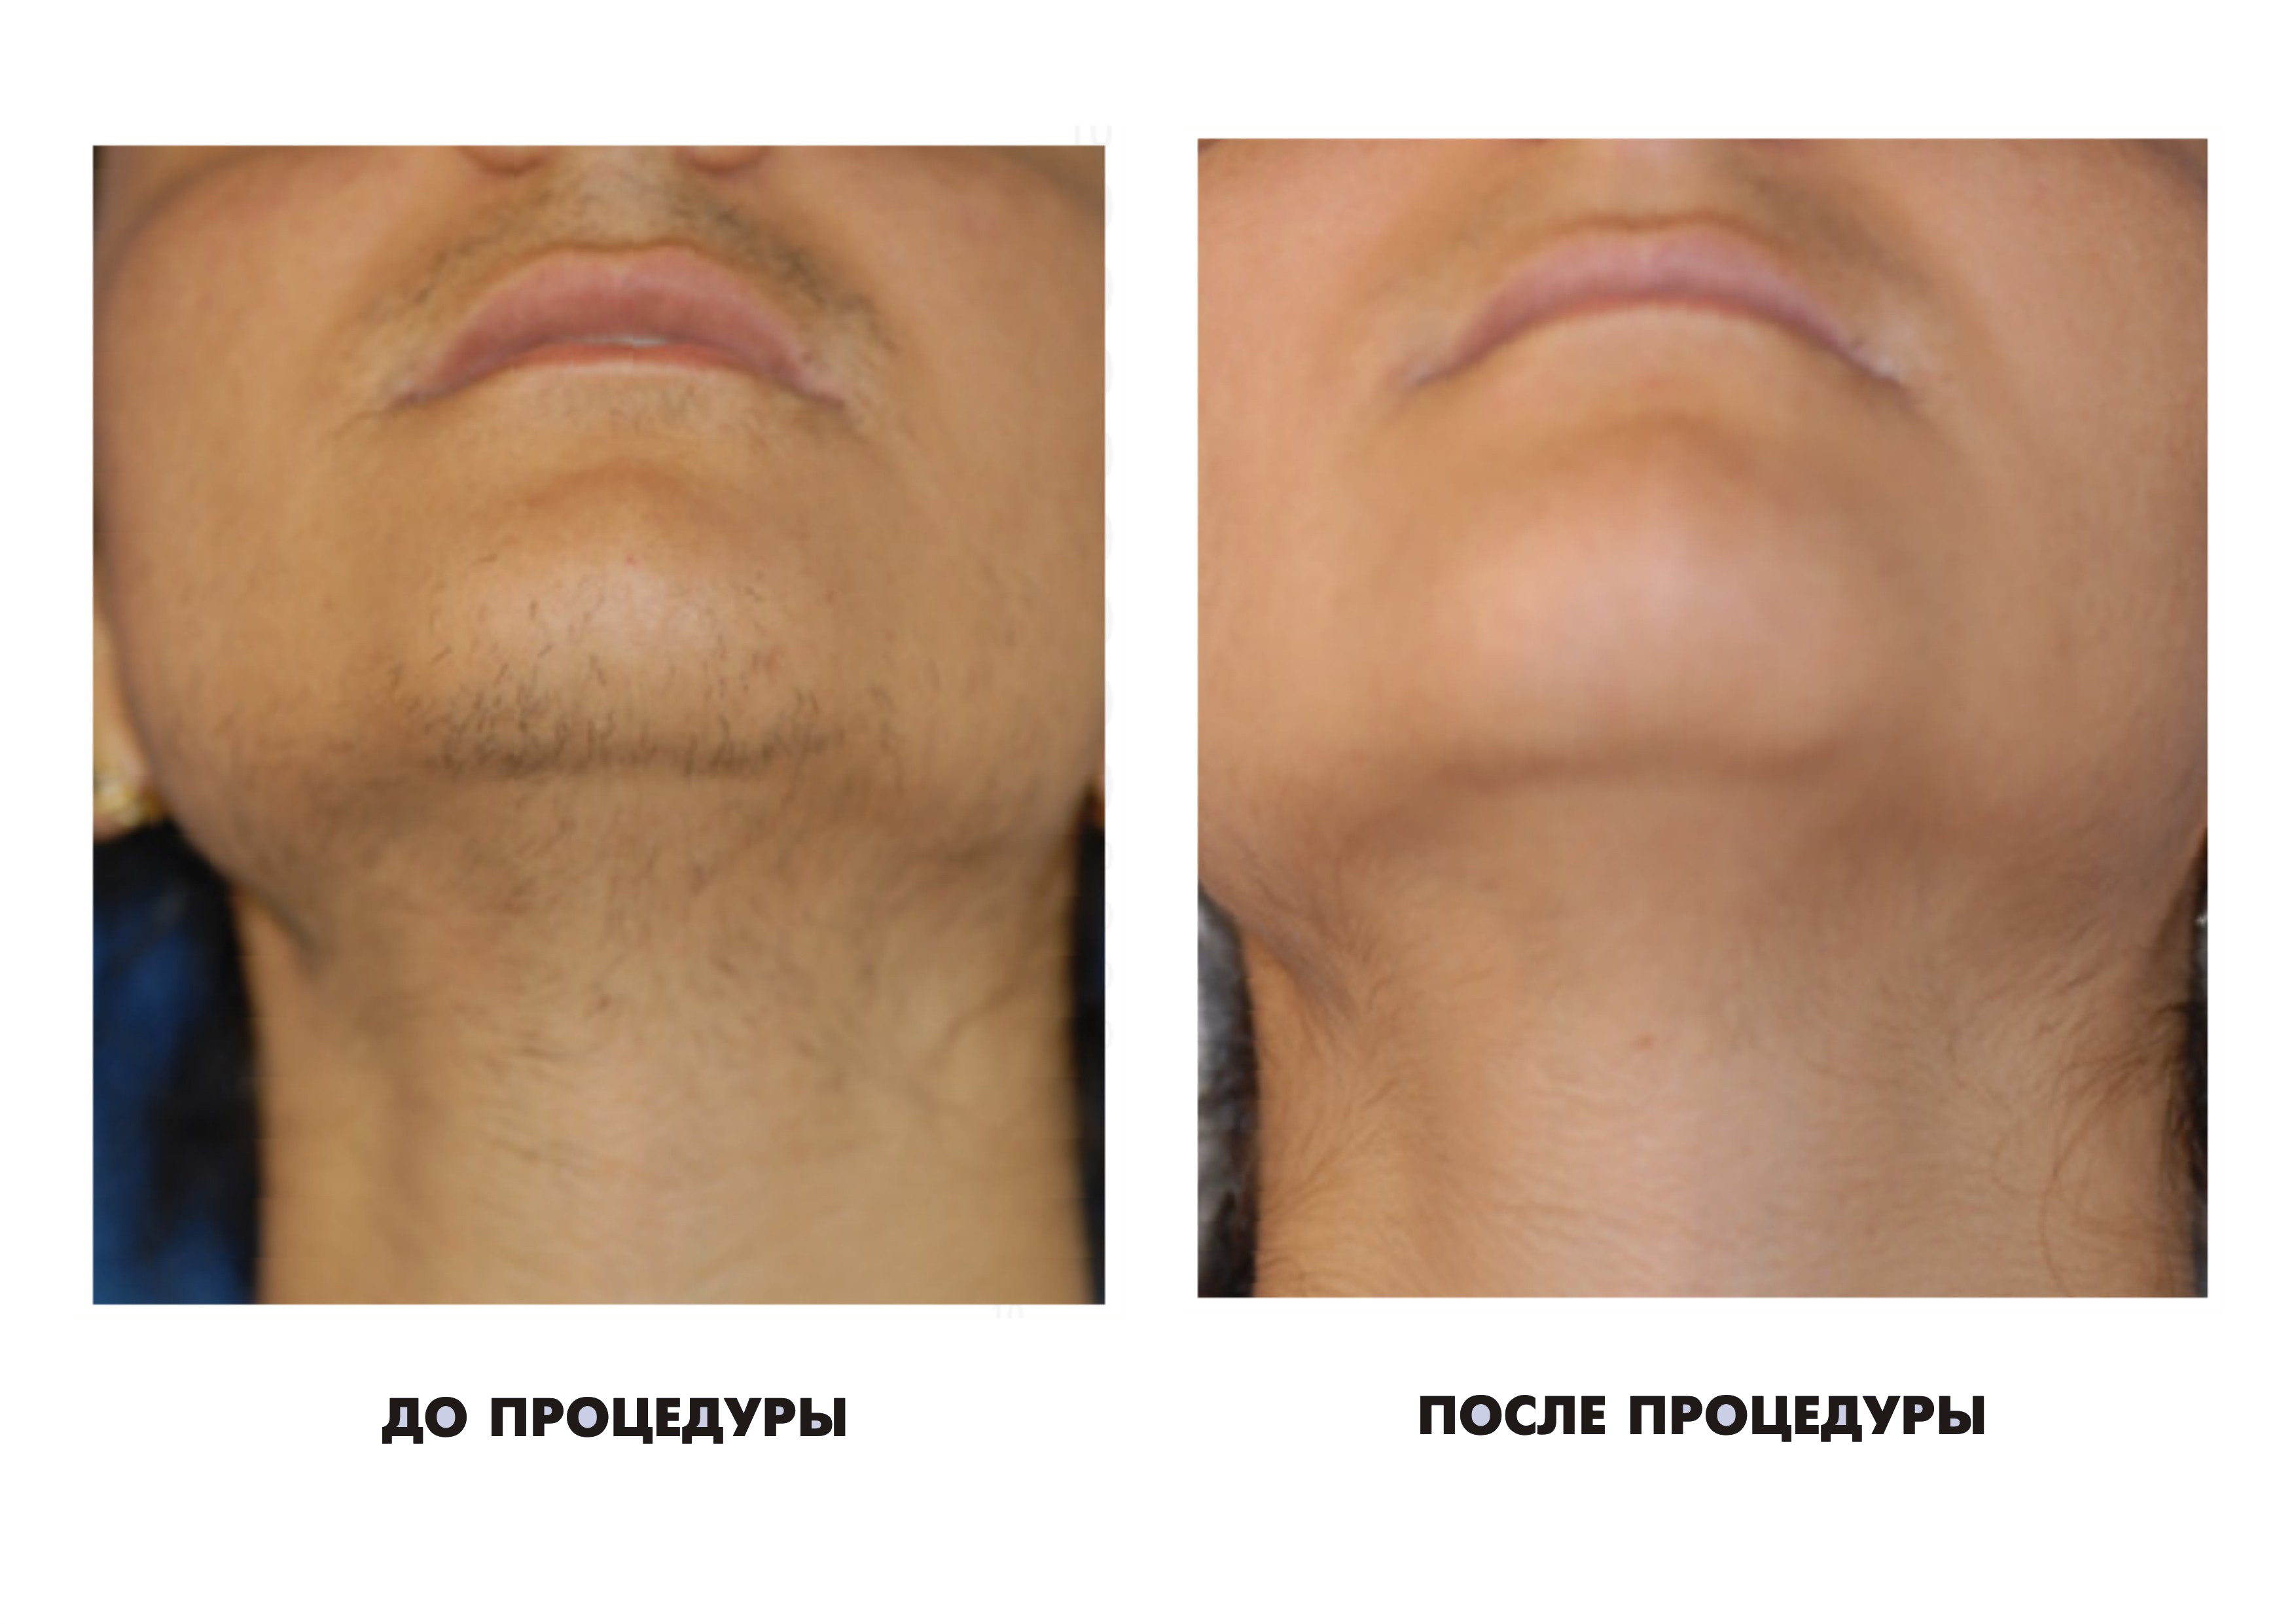 депиляция верхней губы отзывы